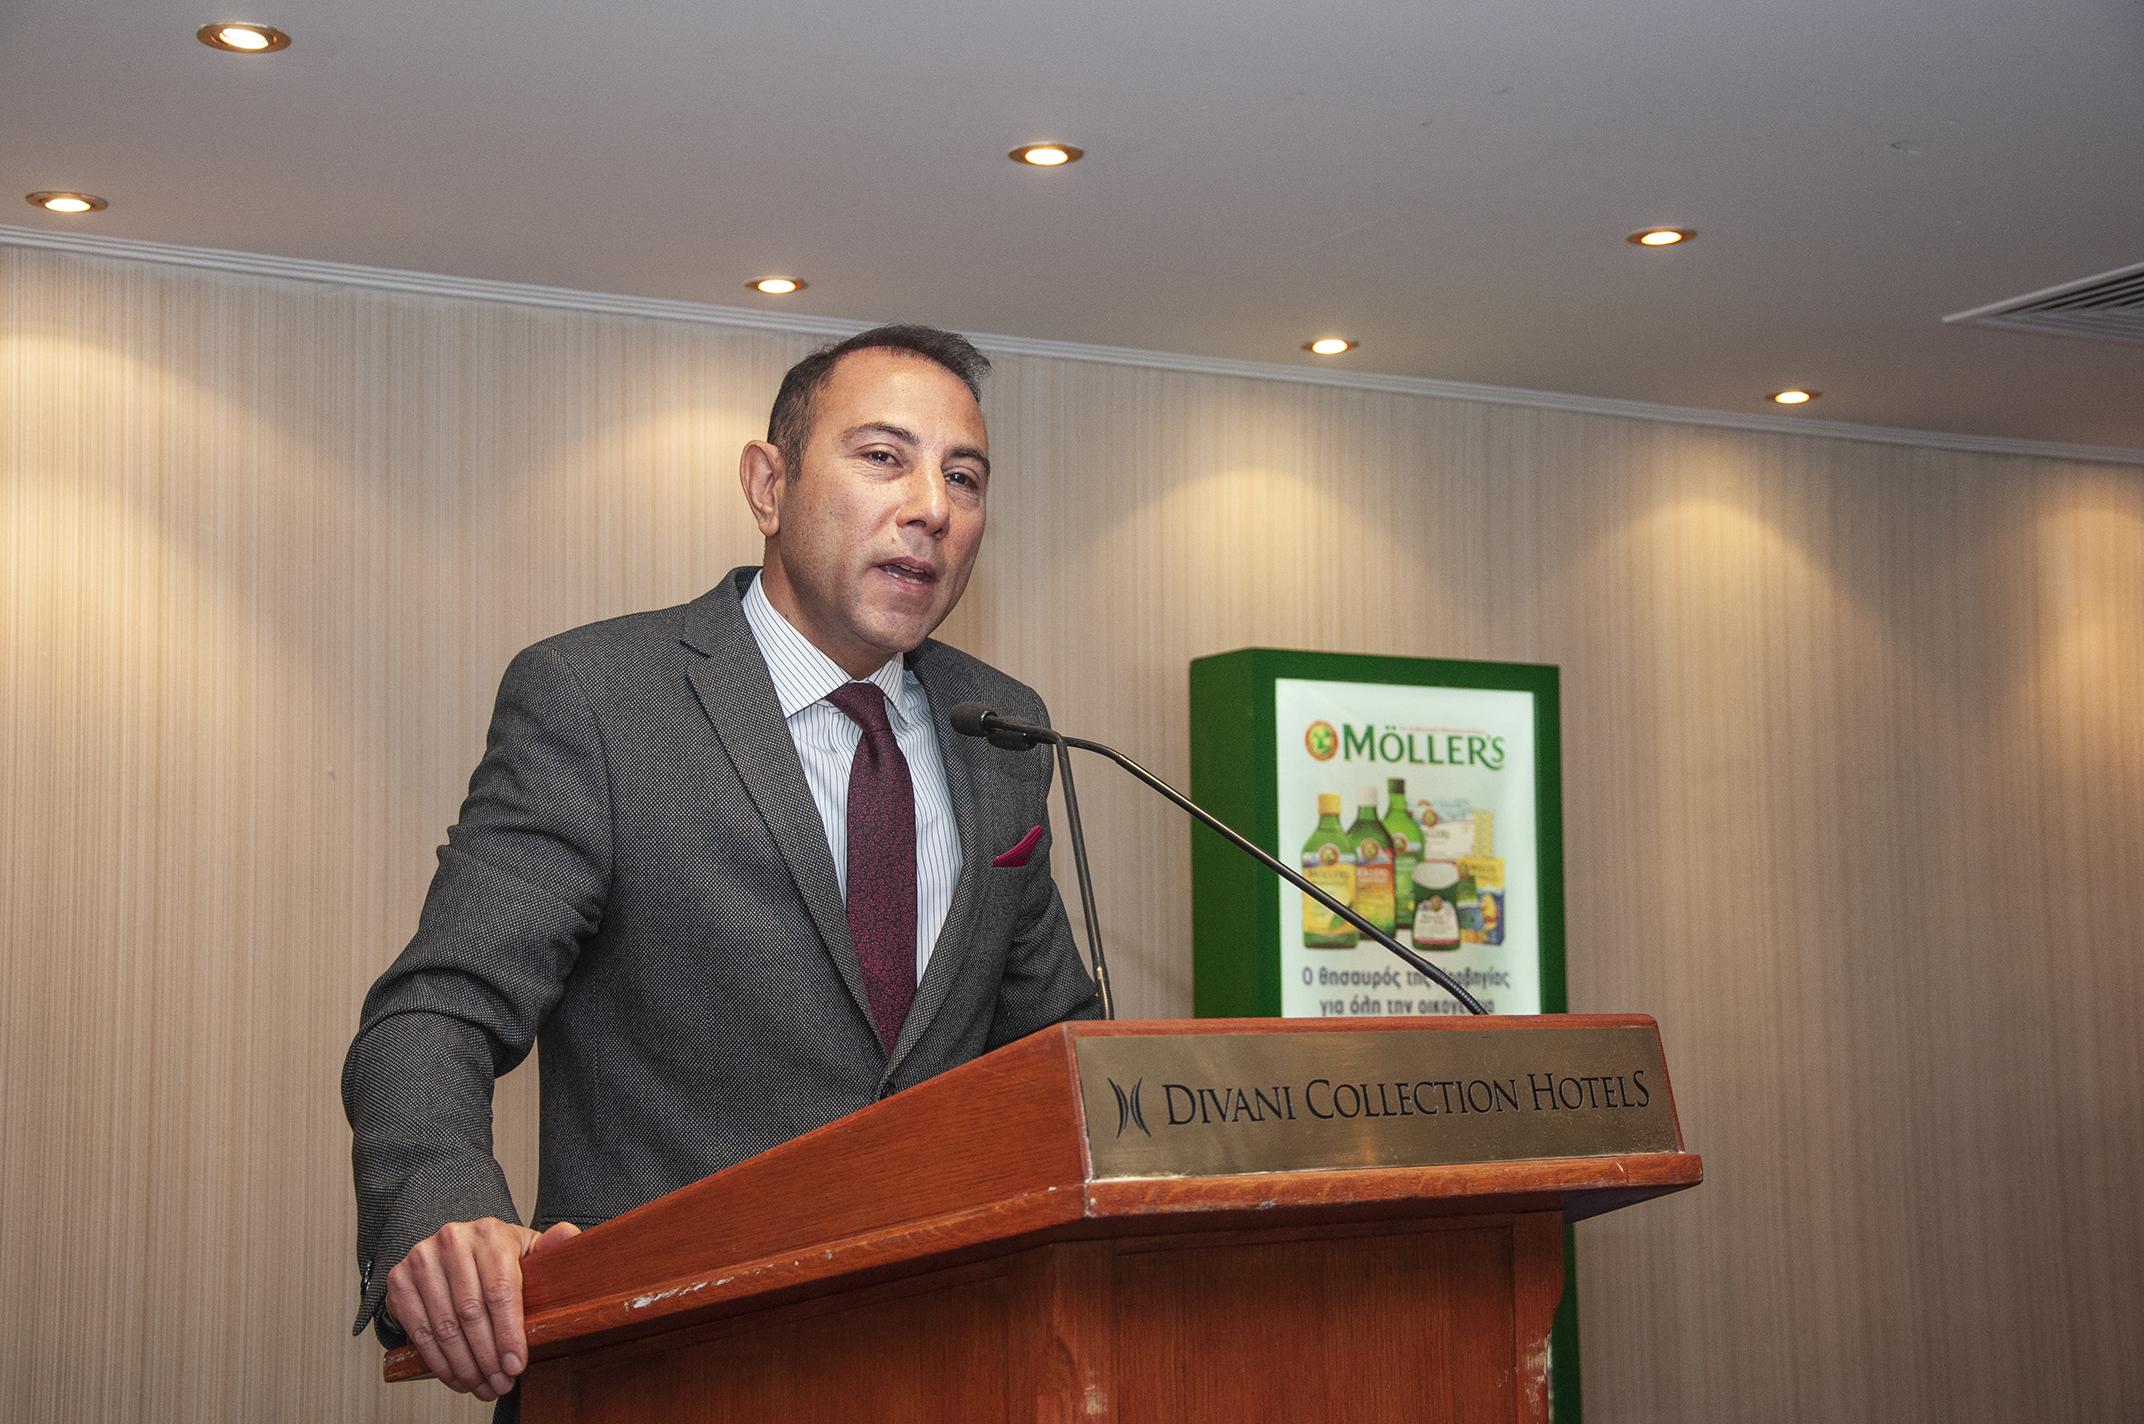 Ο γνωστός Διαιτολόγος - Διατροφολόγος PhD Δημήτρης Γρηγοράκης, Διδάκτορας και Επιστημονικός Συνεργάτης του Τμήματος Επιστήμης Διαιτολογίας - Διατροφής του Χαροκόπειου Πανεπιστημίου.